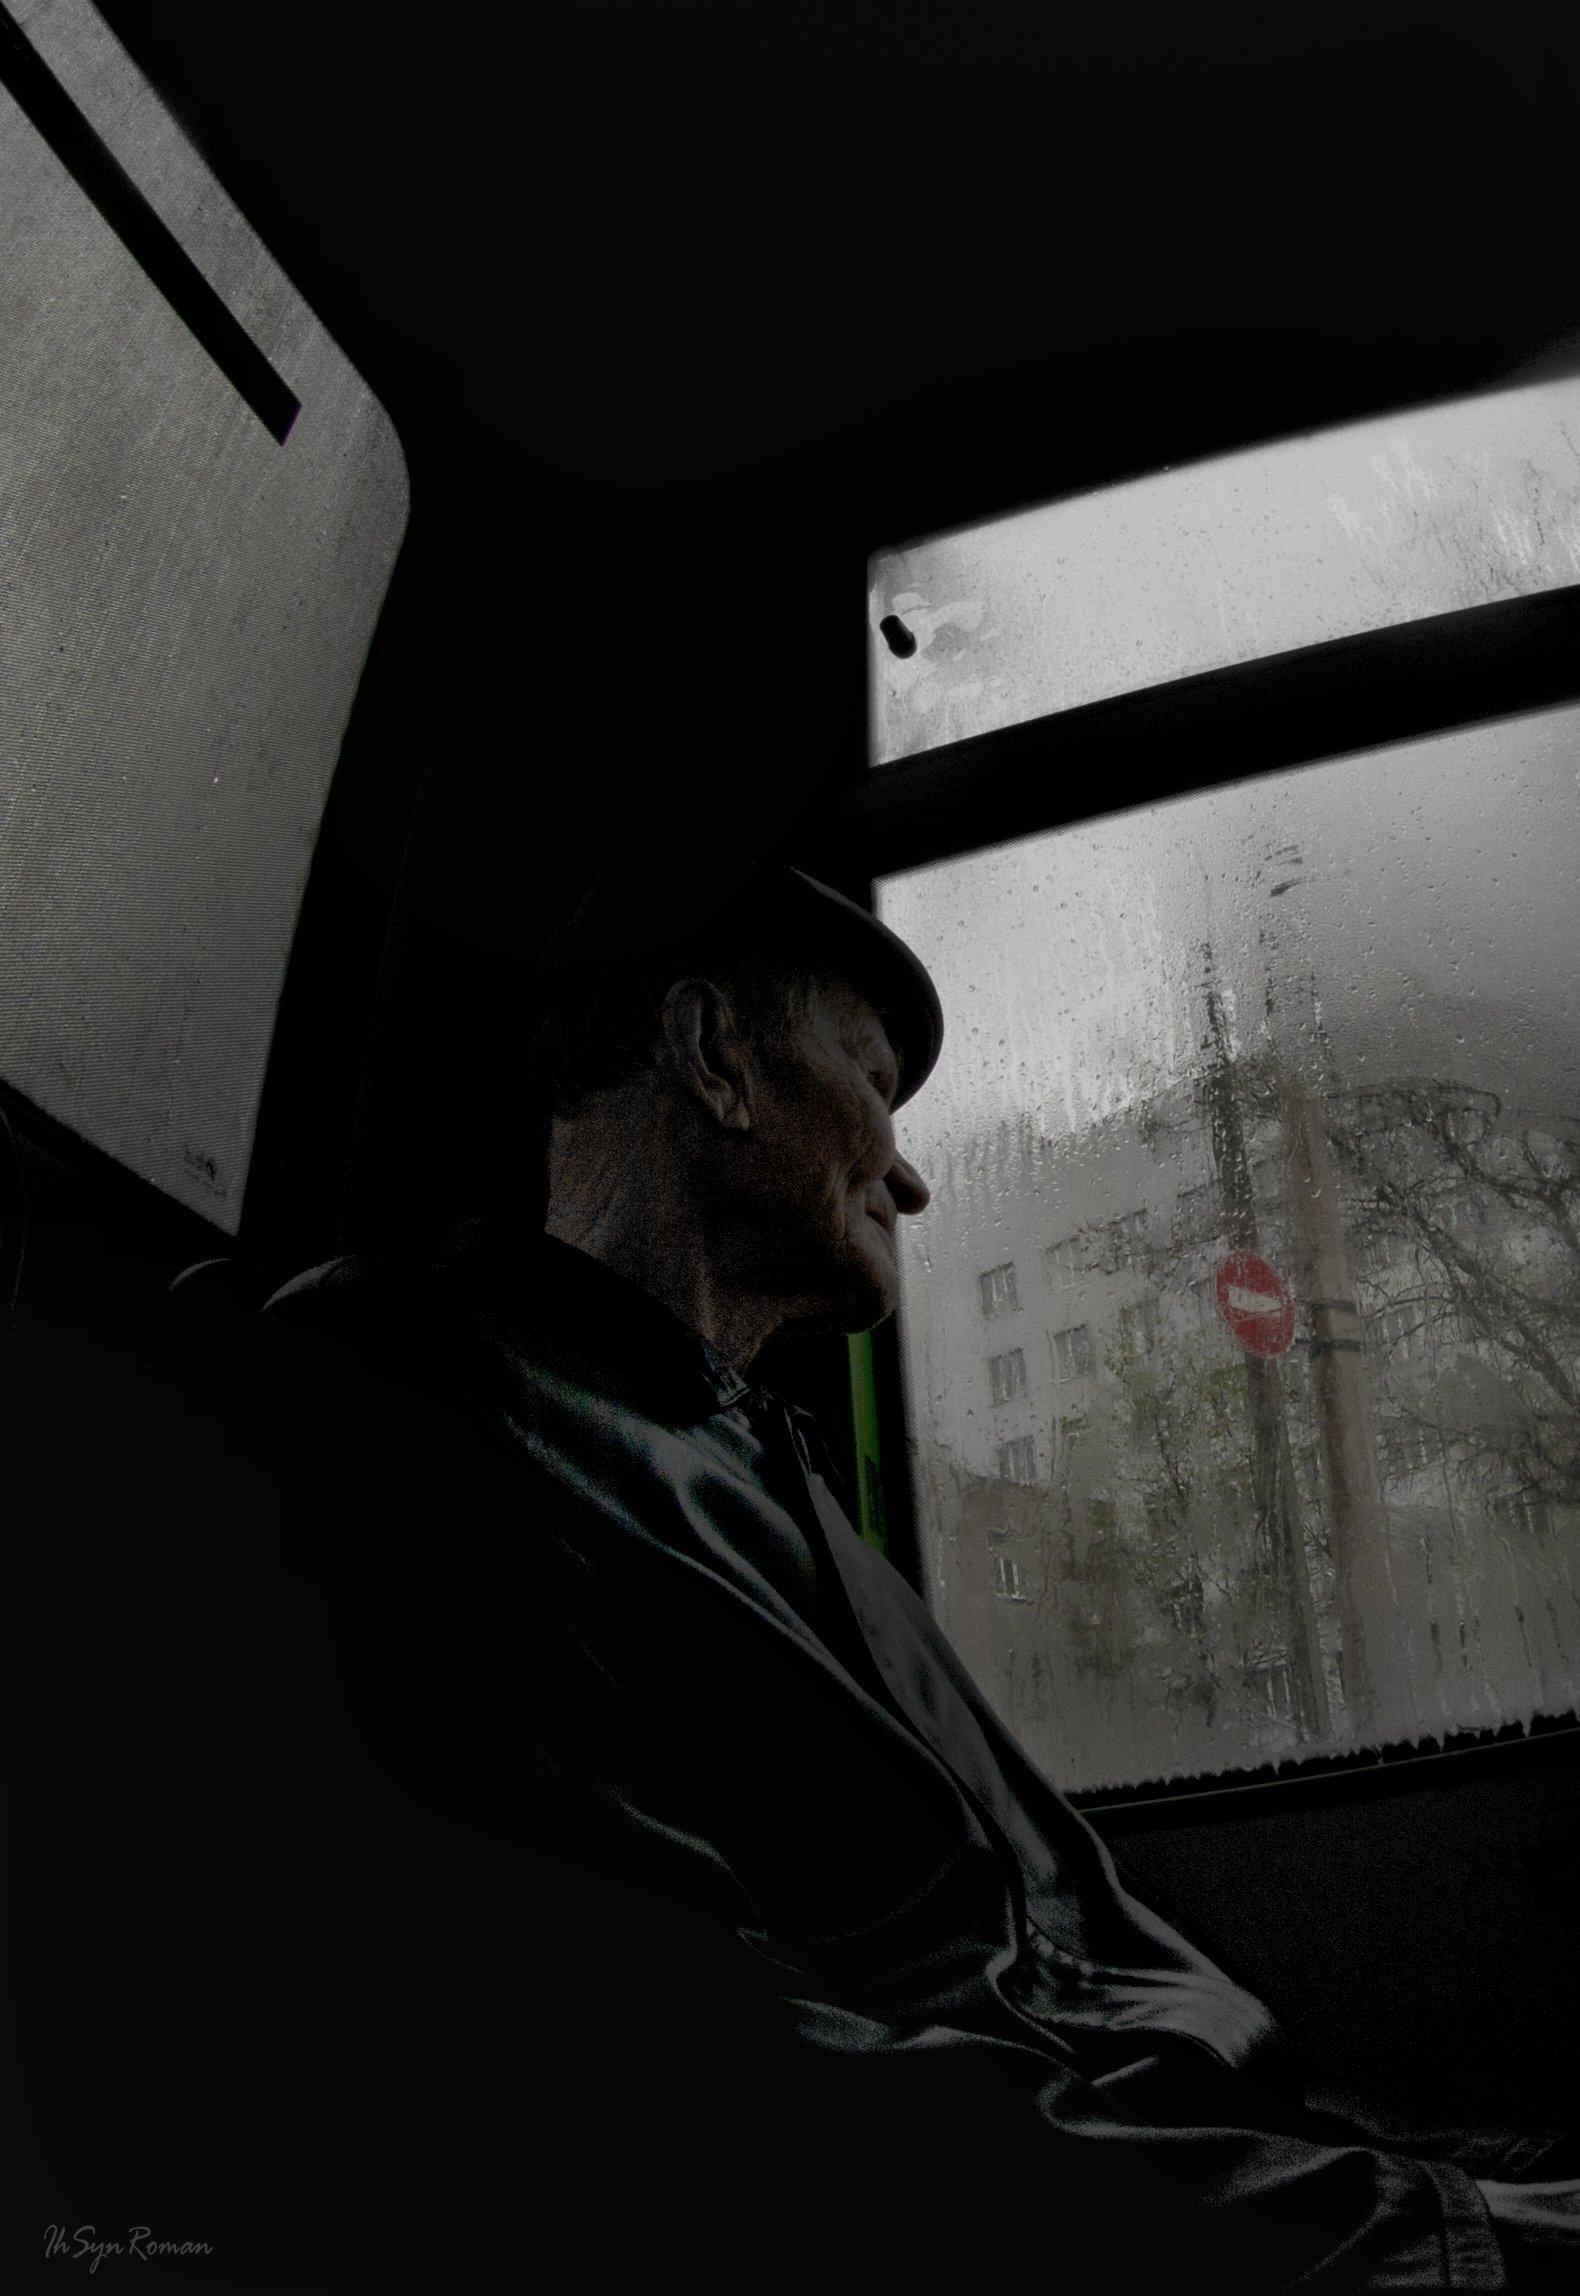 жанр, автобус, пассажир, окно, знак, Roma Krasov ( Chitinskiy )